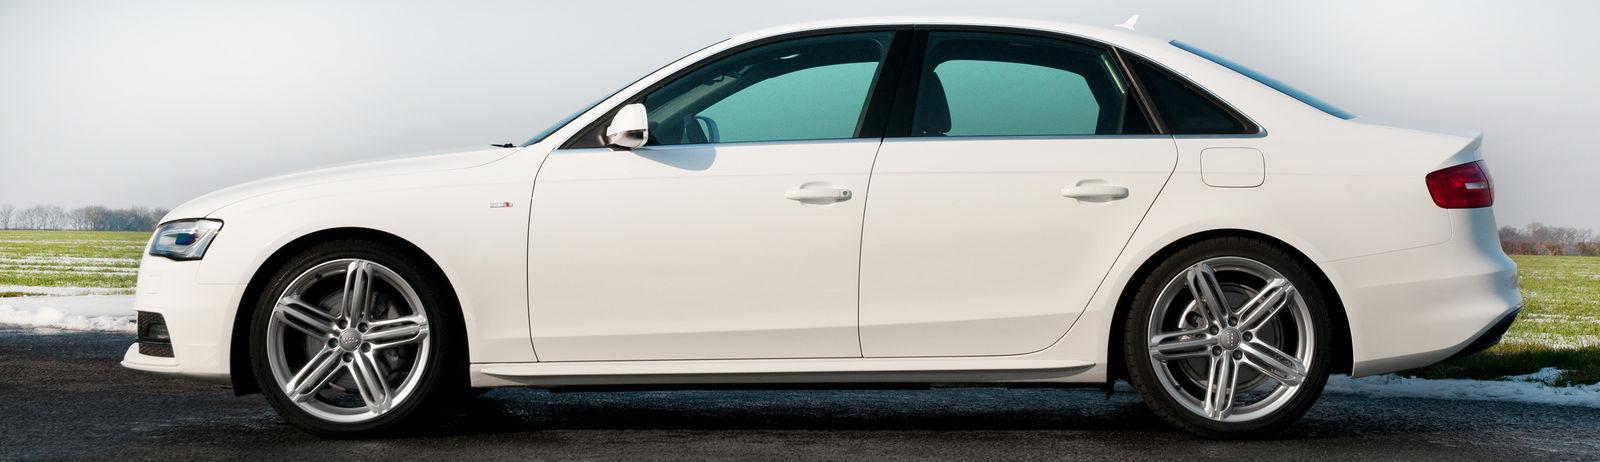 Jaguar XE Vs Audi A4